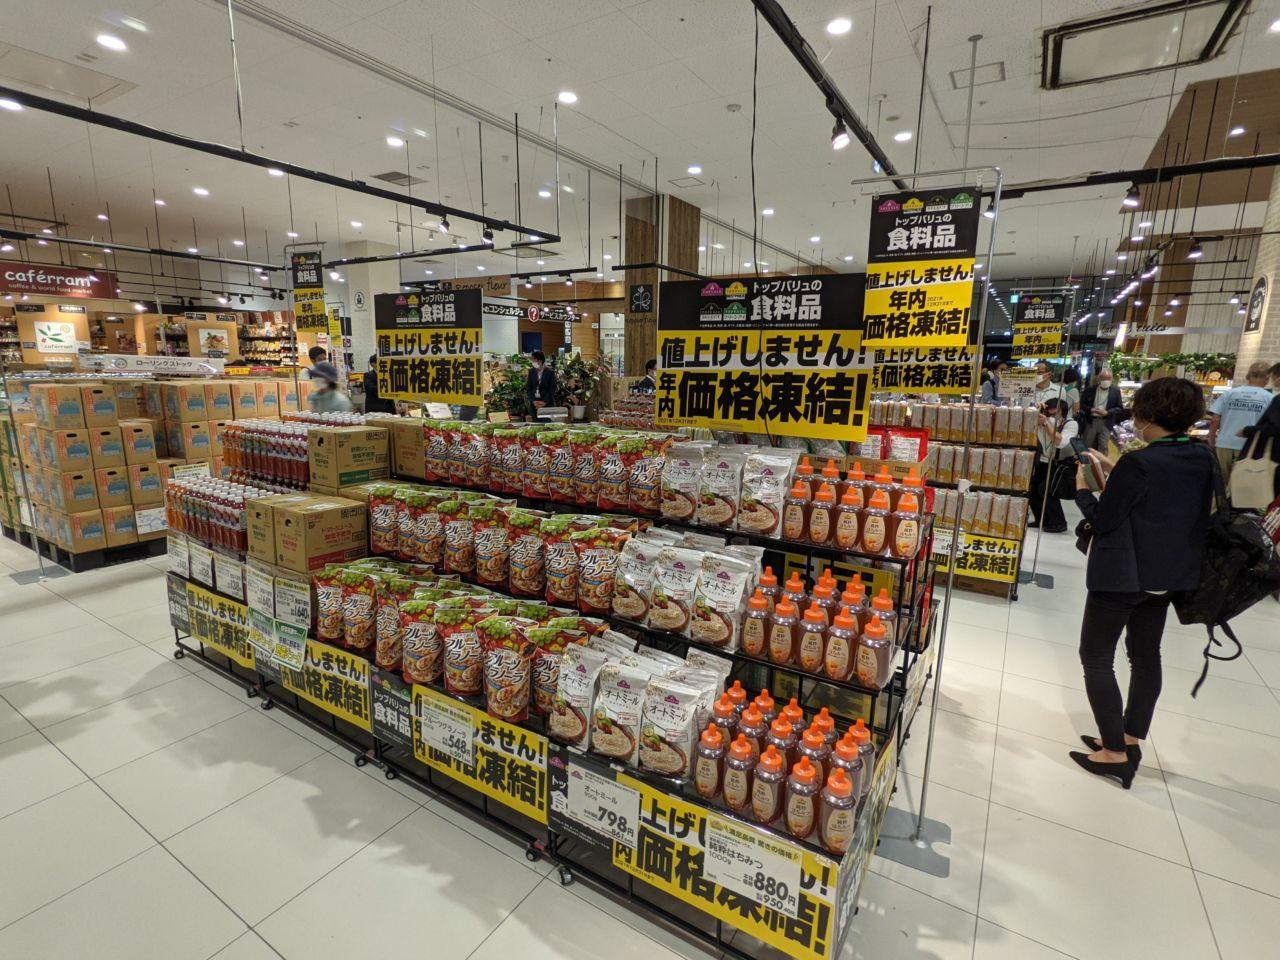 """イオンがPB「トップバリュ」の食料品約3000品目について""""年内価格凍結""""を宣言した"""